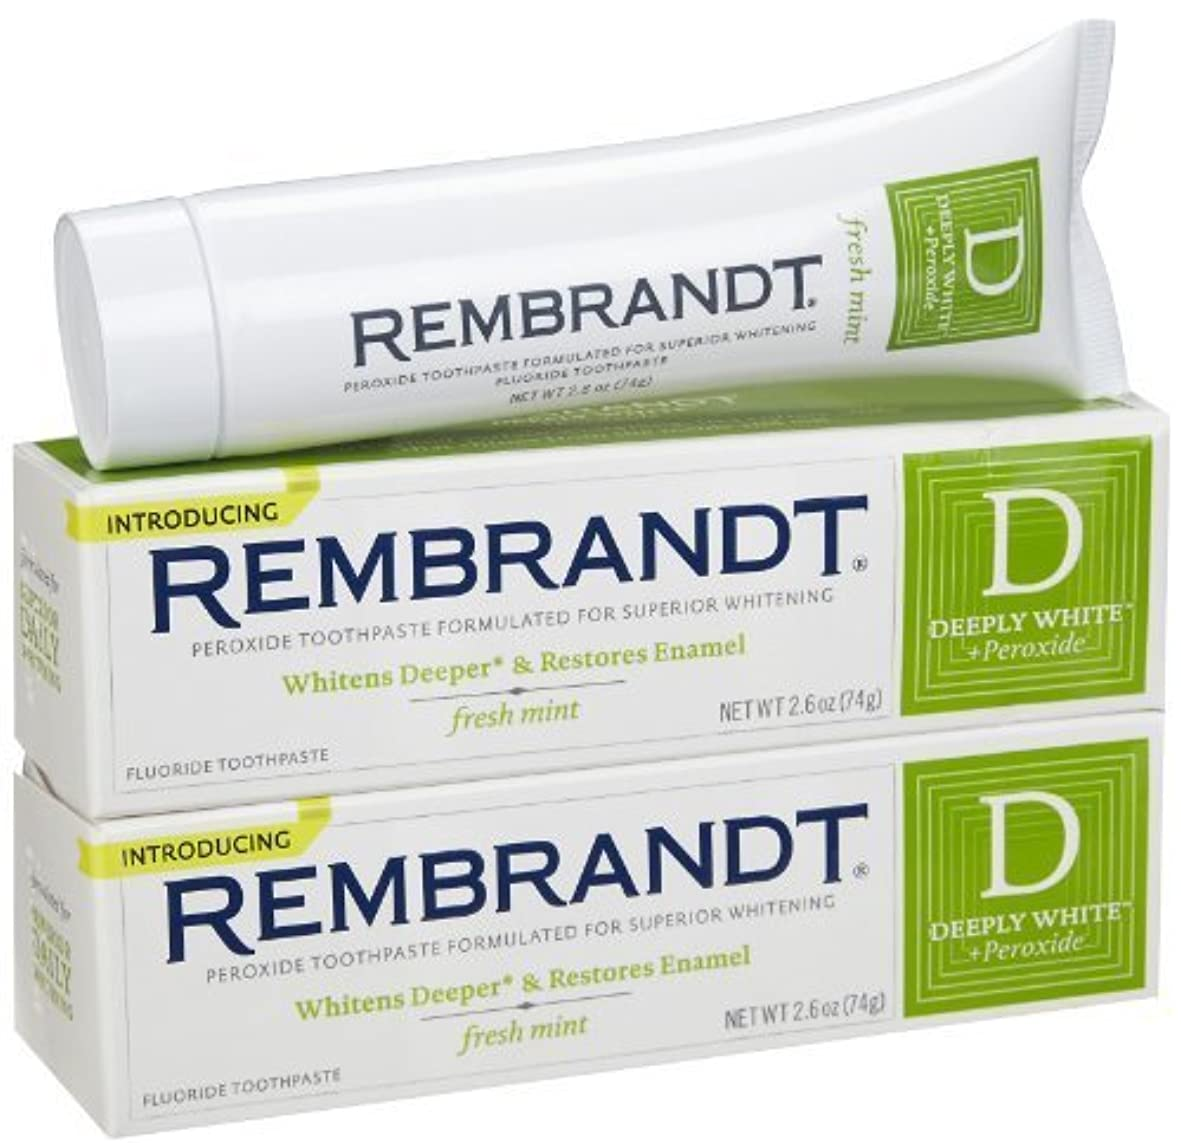 しゃがむ概念勧告Rembrandt Fluoride Toothpaste, Mint - 2.6 oz - 2 pk [並行輸入品]